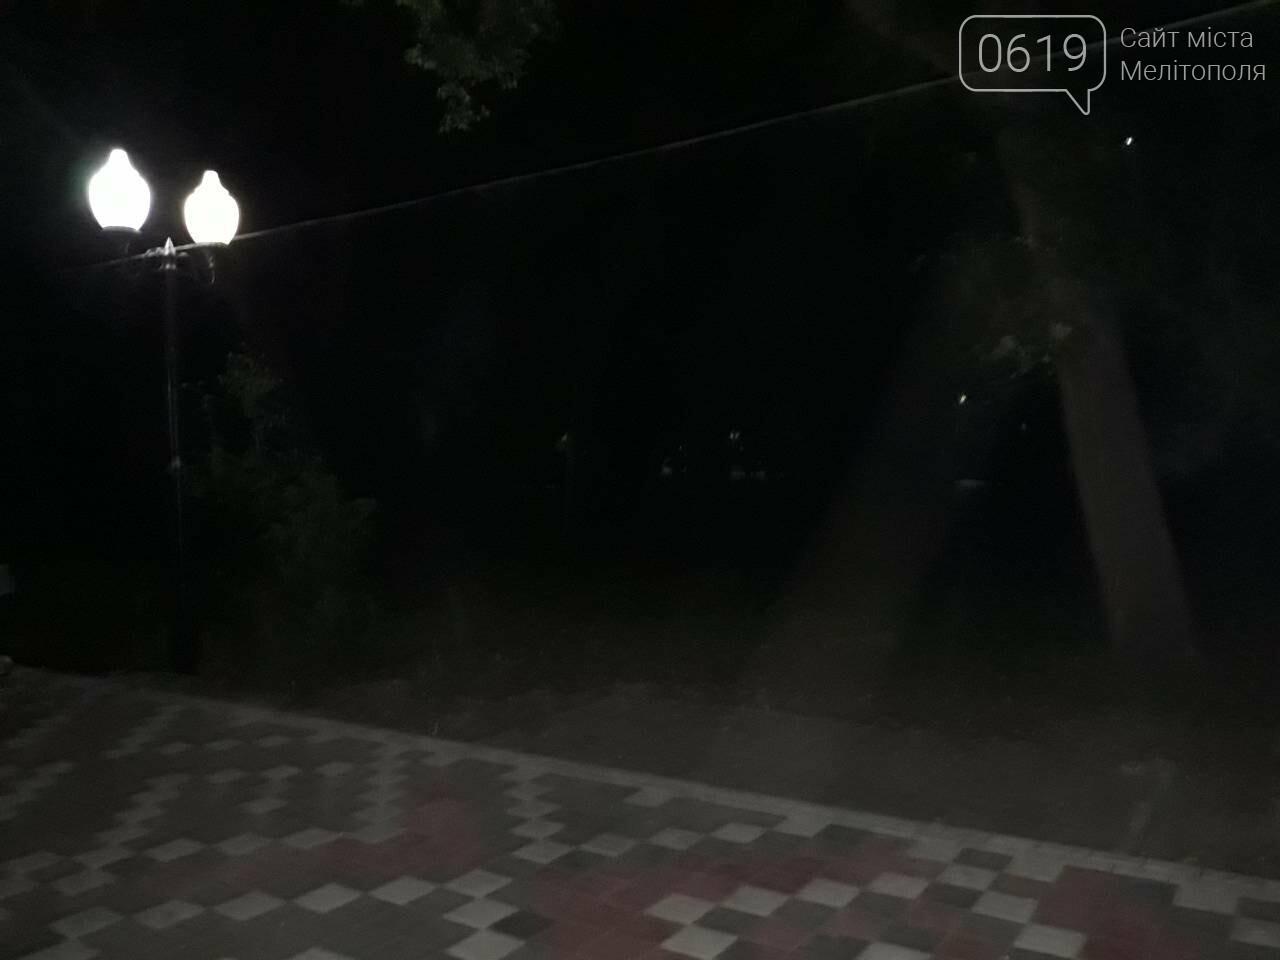 В мелитопольском парке исчезла лавочка, фото-1